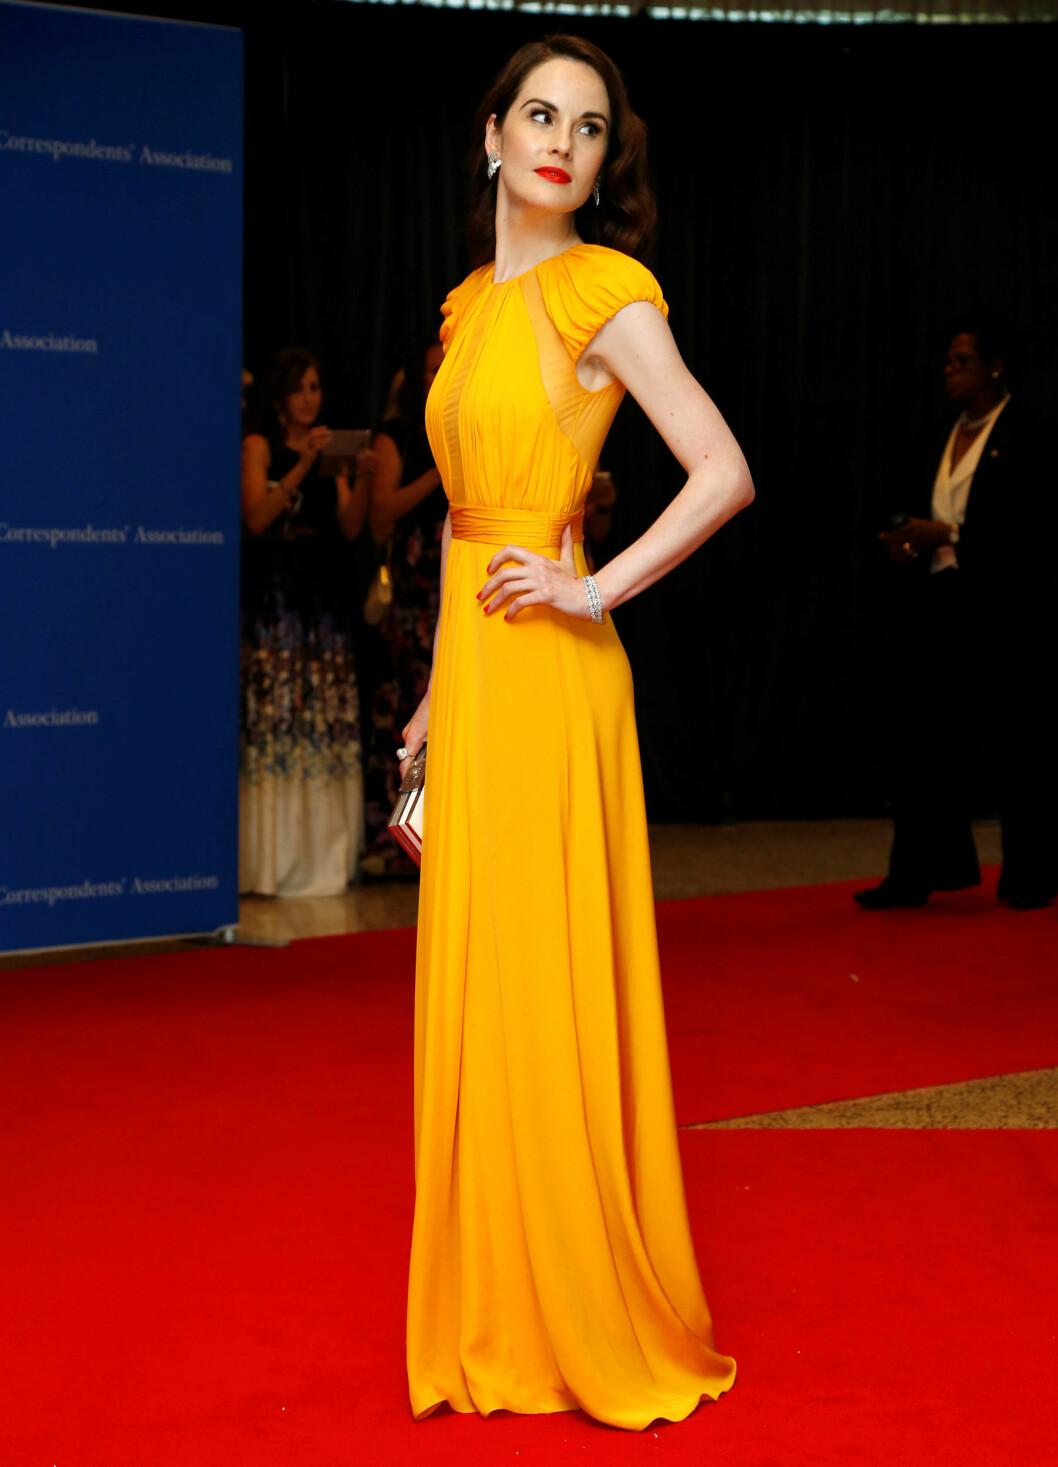 VAKKER: Skuespiller Michelle Dockery poserte foran presseveggen ikledd en lang gul kjole med Hollywood-krøller og klassiske røde lepper.  Foto: Reuters